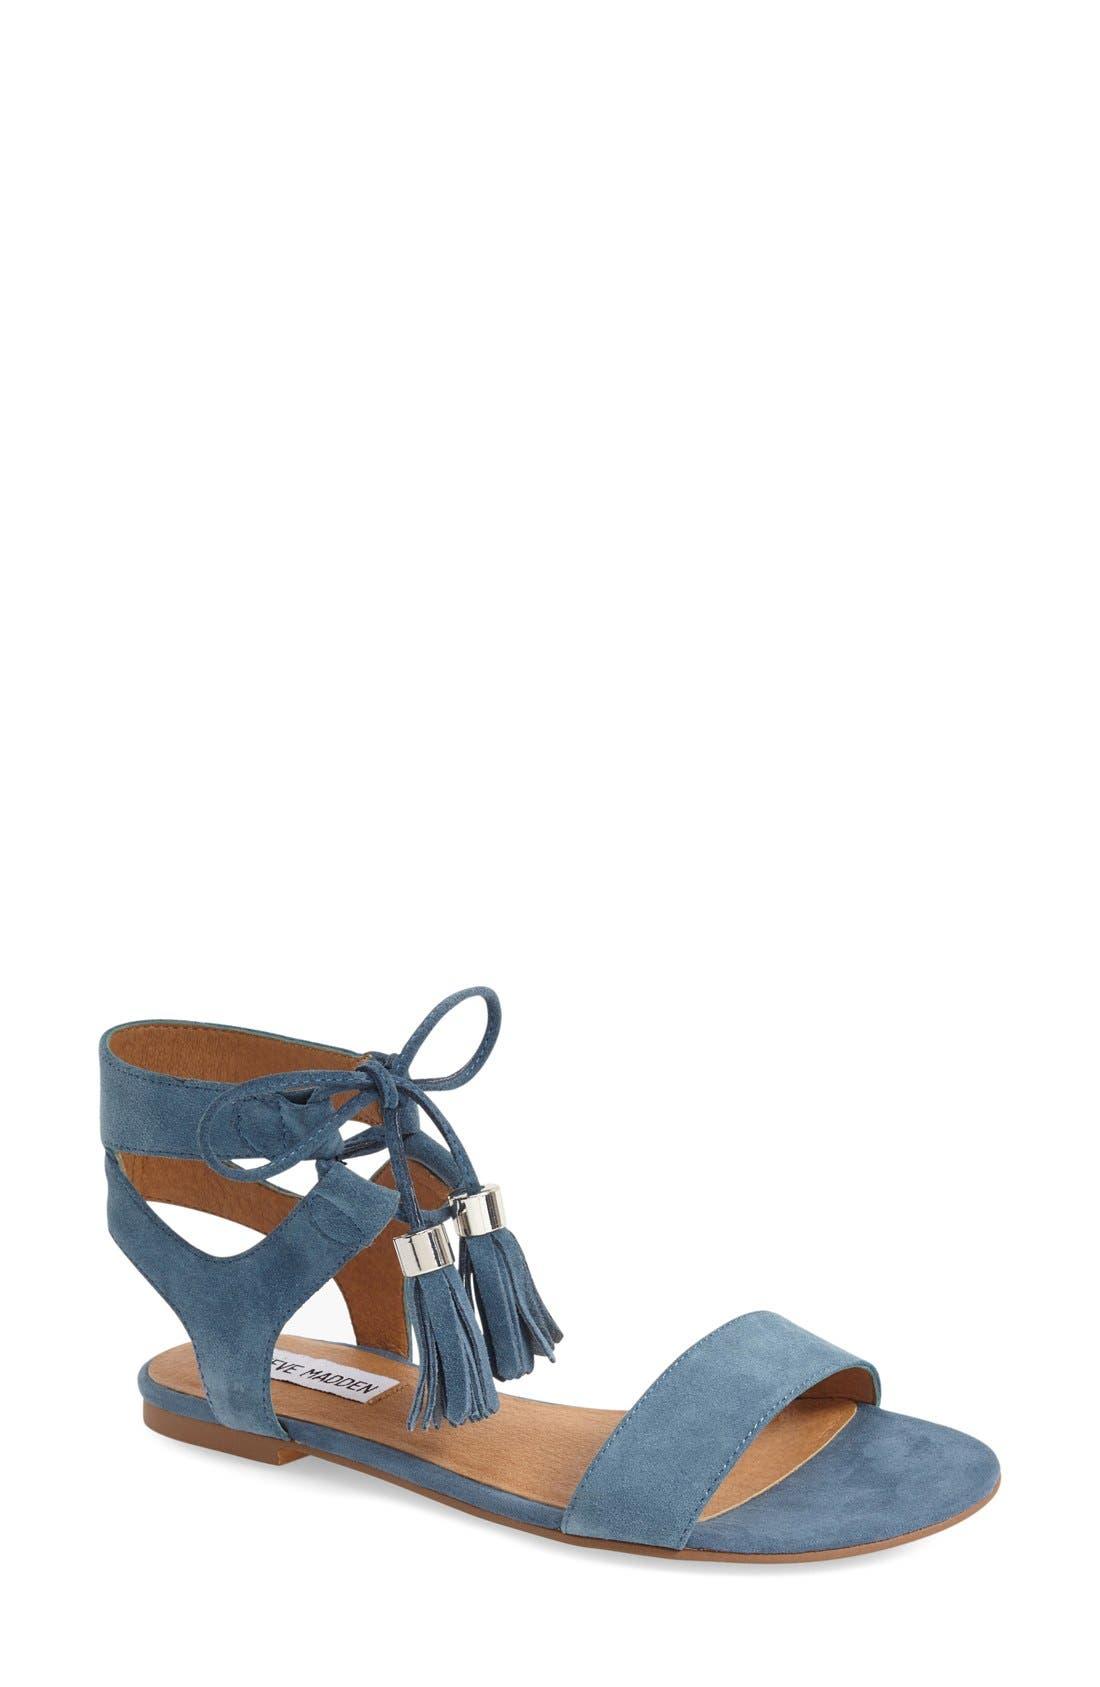 Alternate Image 1 Selected - Steve Madden 'Elivait' Sandal (Women)